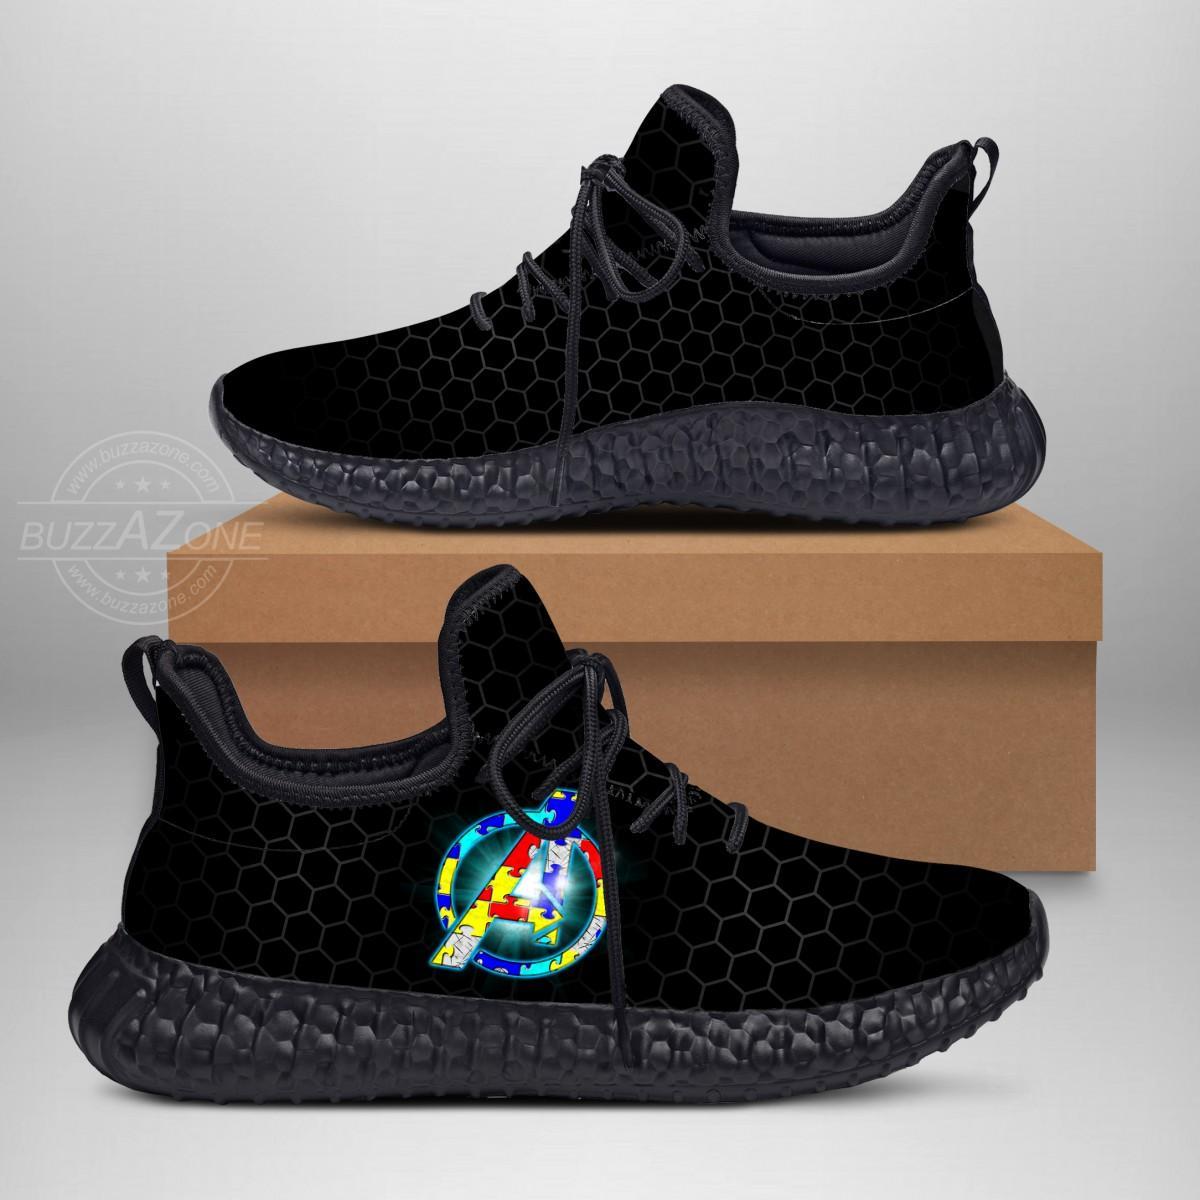 Autism Avenger Custom Custom New Yeezy Sneaker